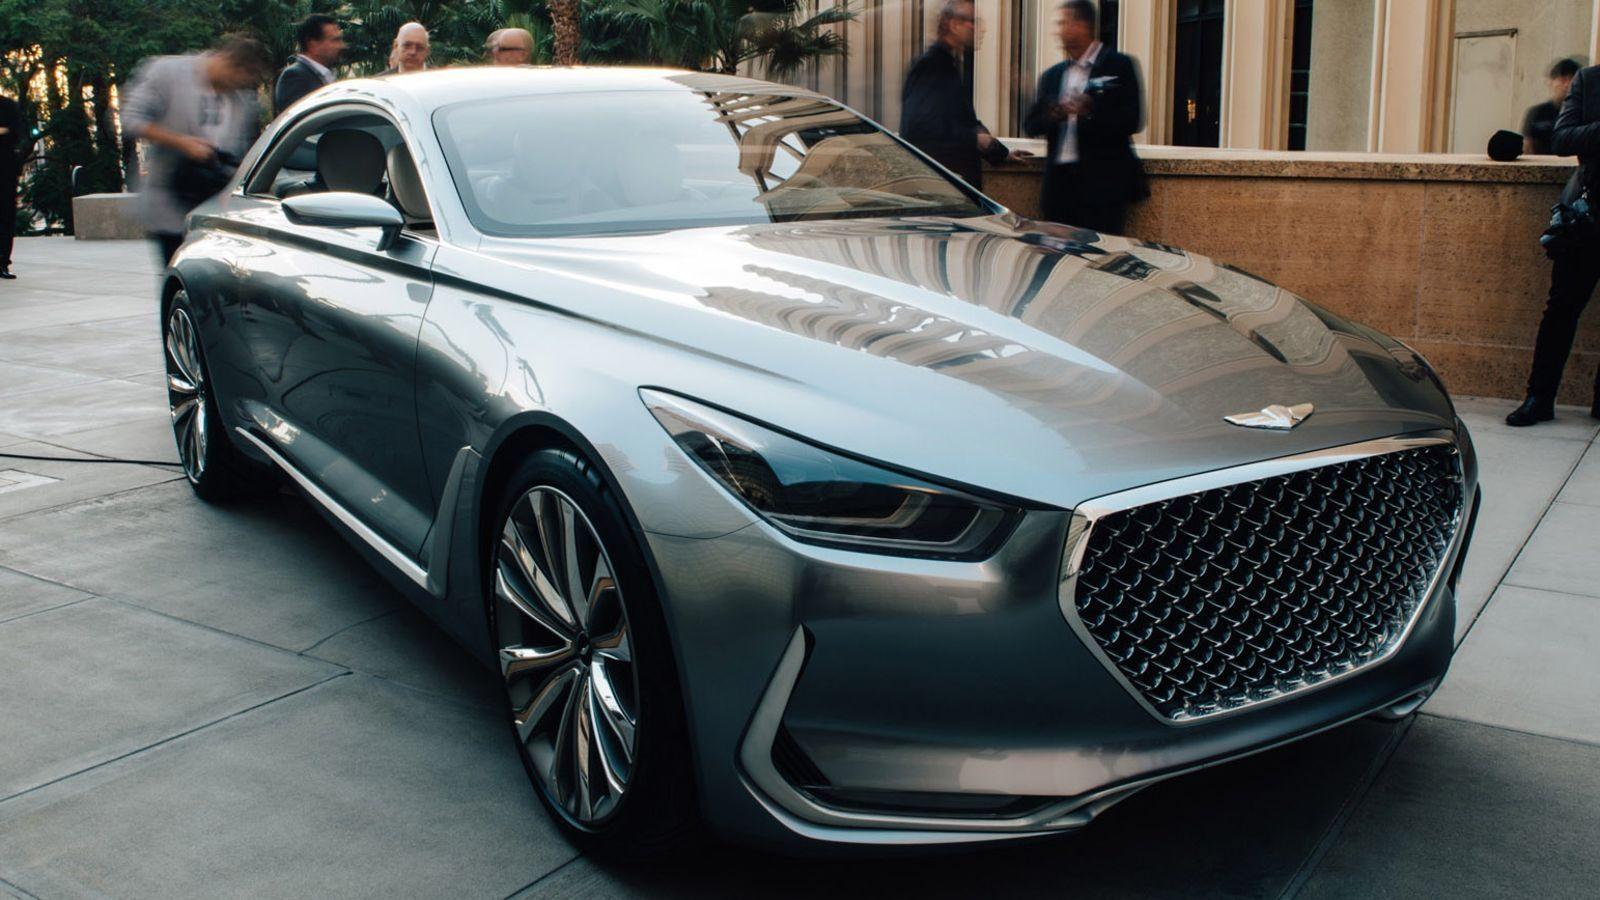 2020 Hyundai Equus Style